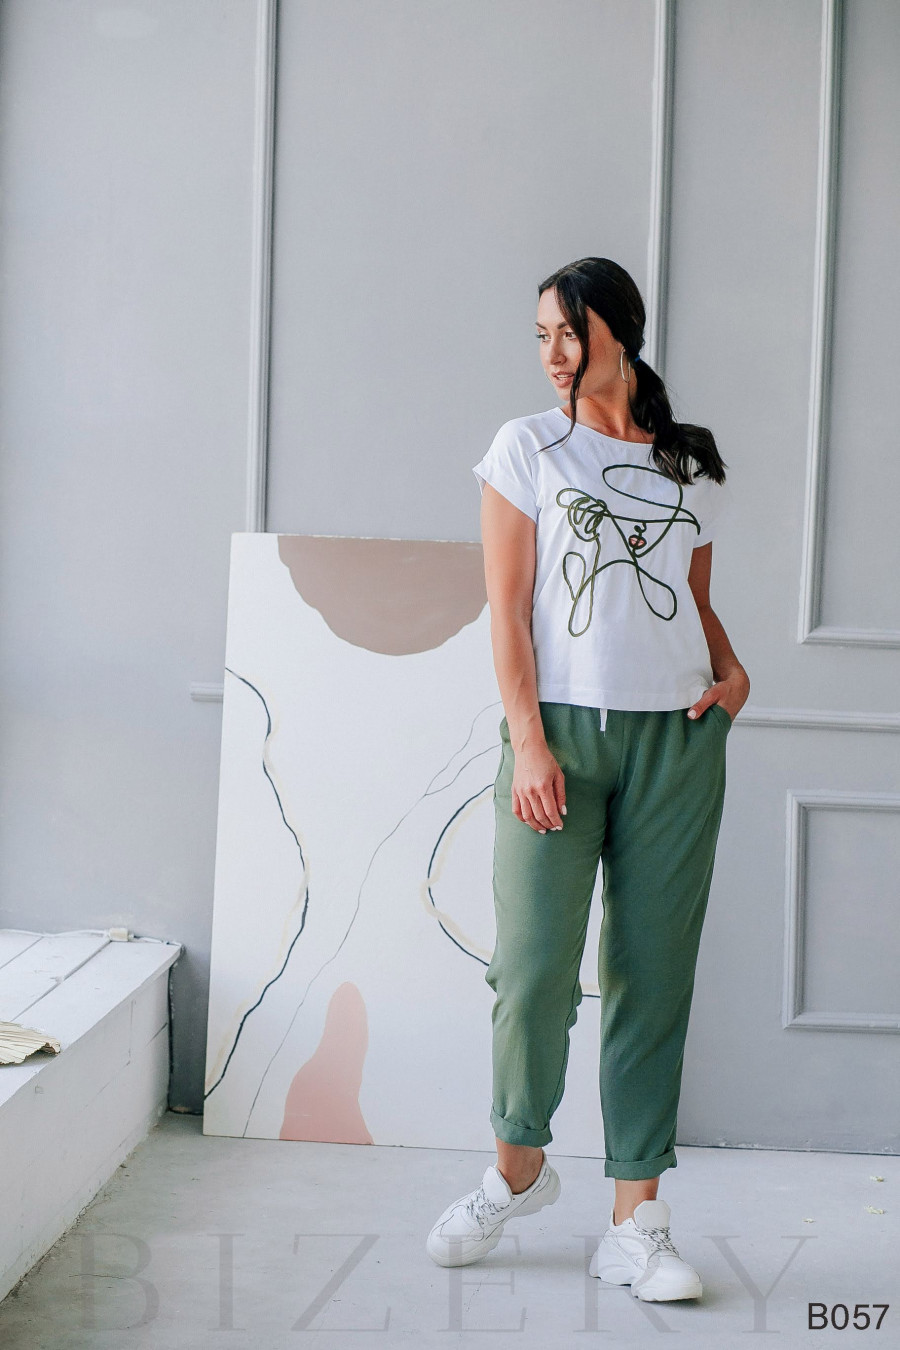 Костюм брючный зеленый с белым с художественной вышивкой шнуром